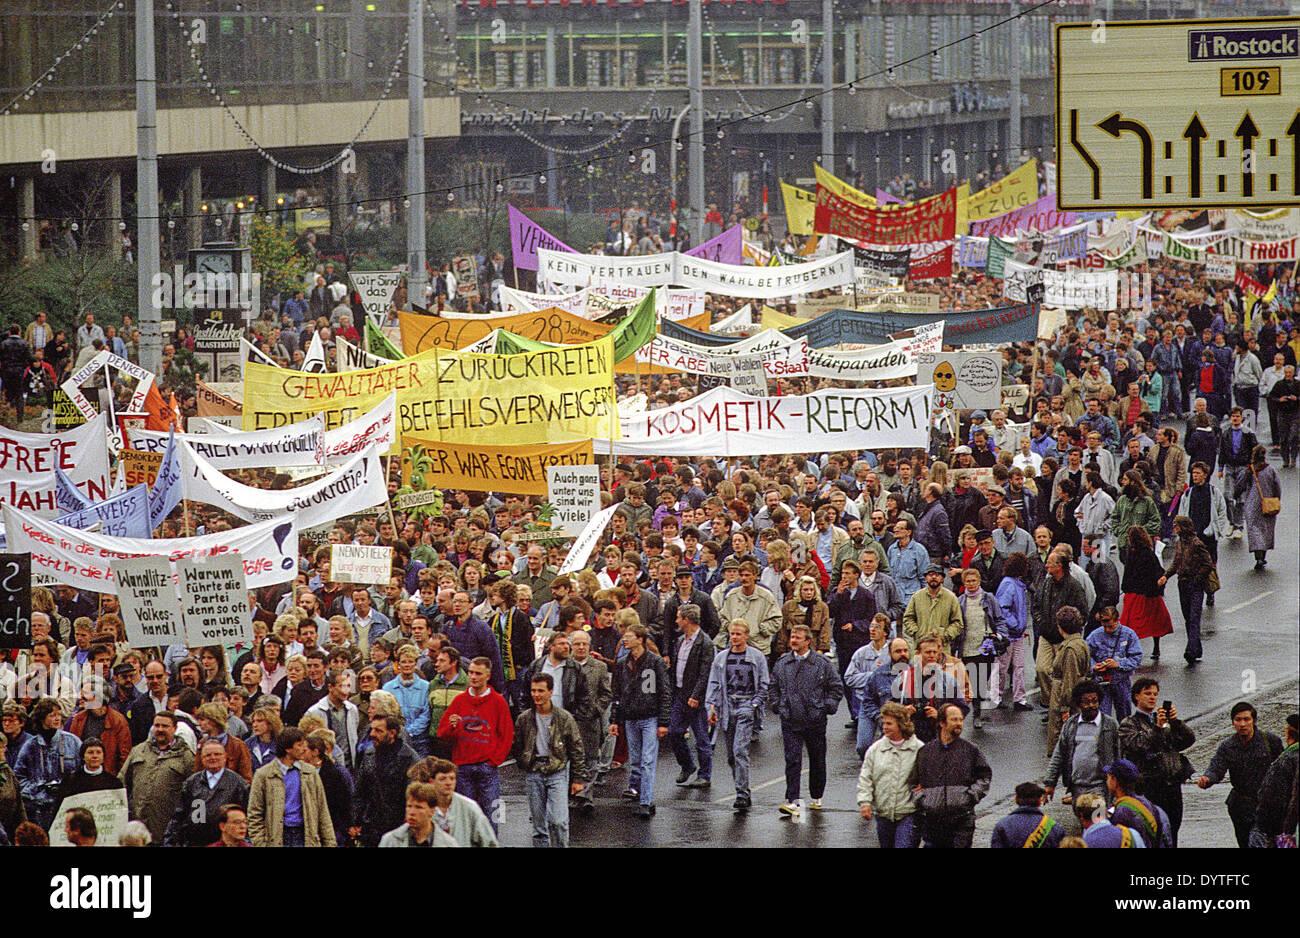 1989 Berlin Demonstration Stockfotos & 1989 Berlin Demonstration ...